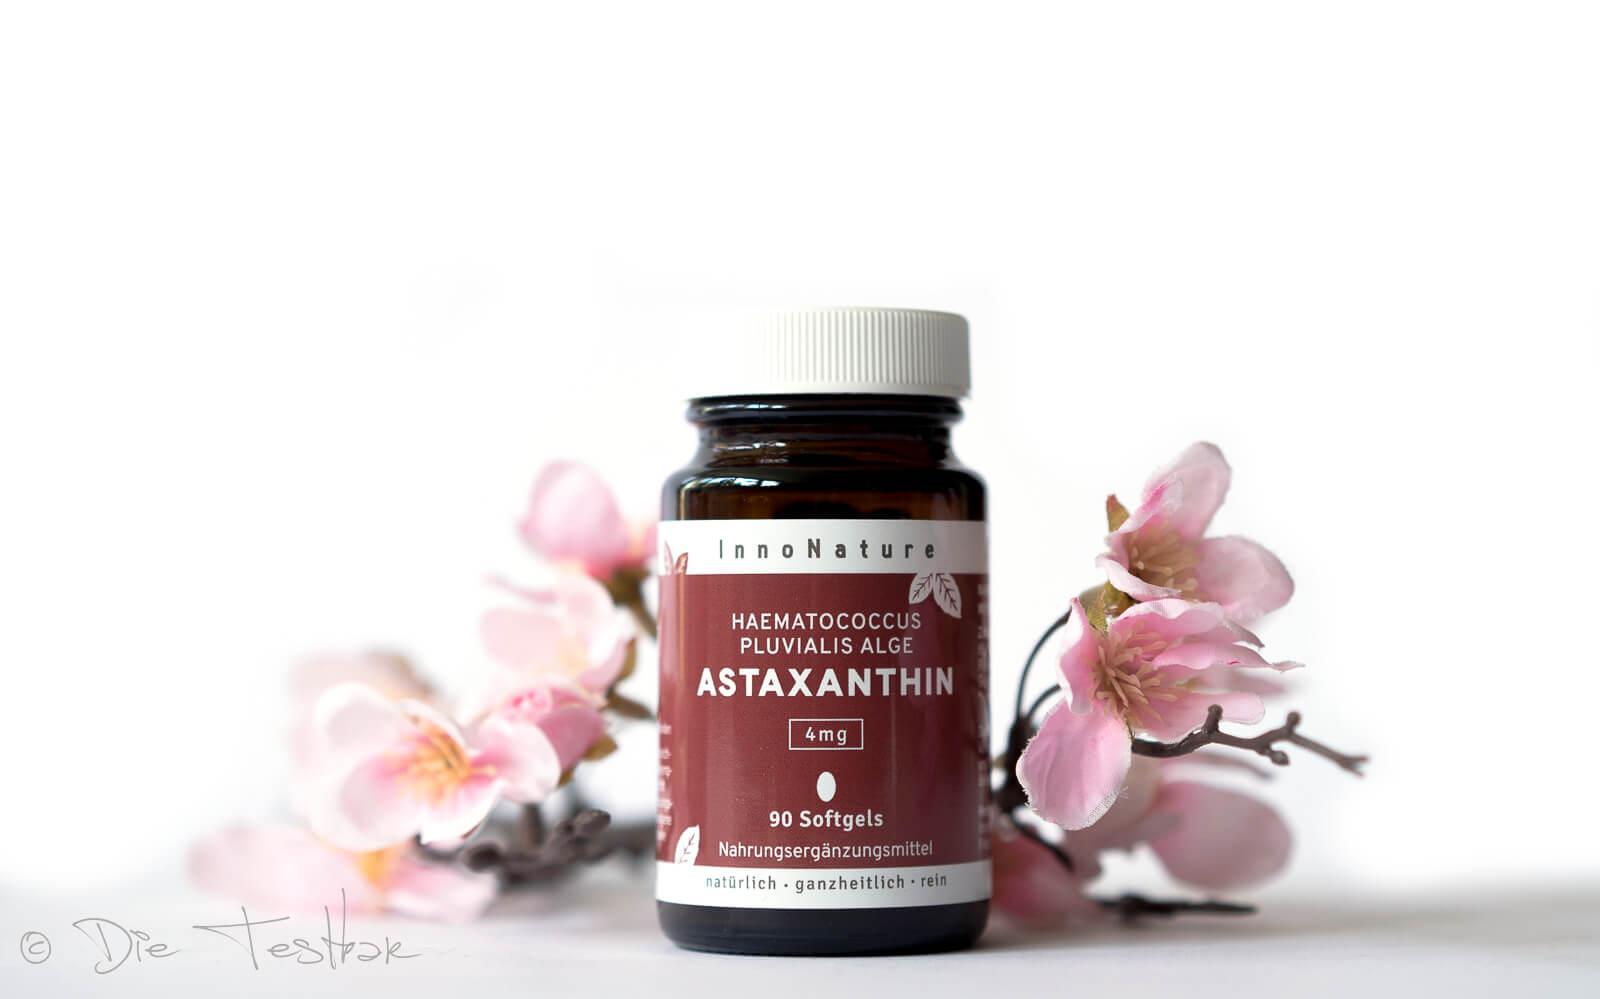 Astaxanthin: Naturstoff der Carotinoide